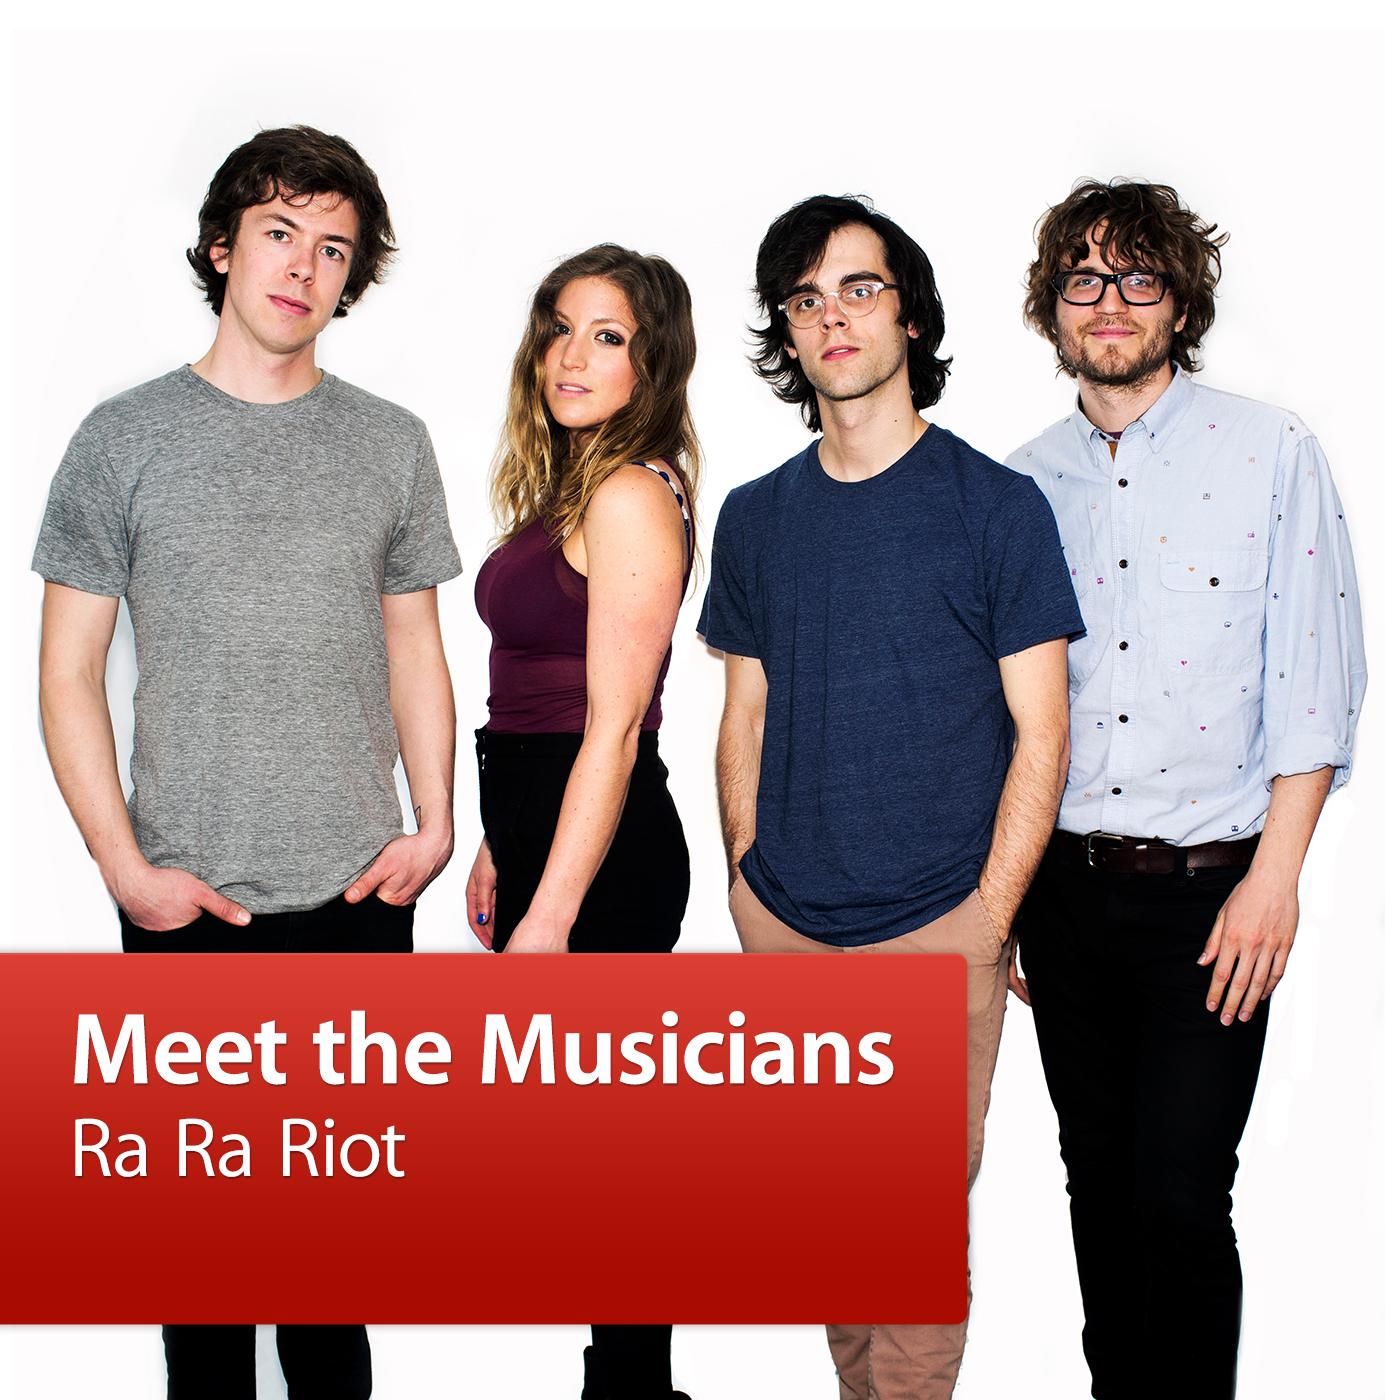 Ra Ra Riot: Meet the Musicians